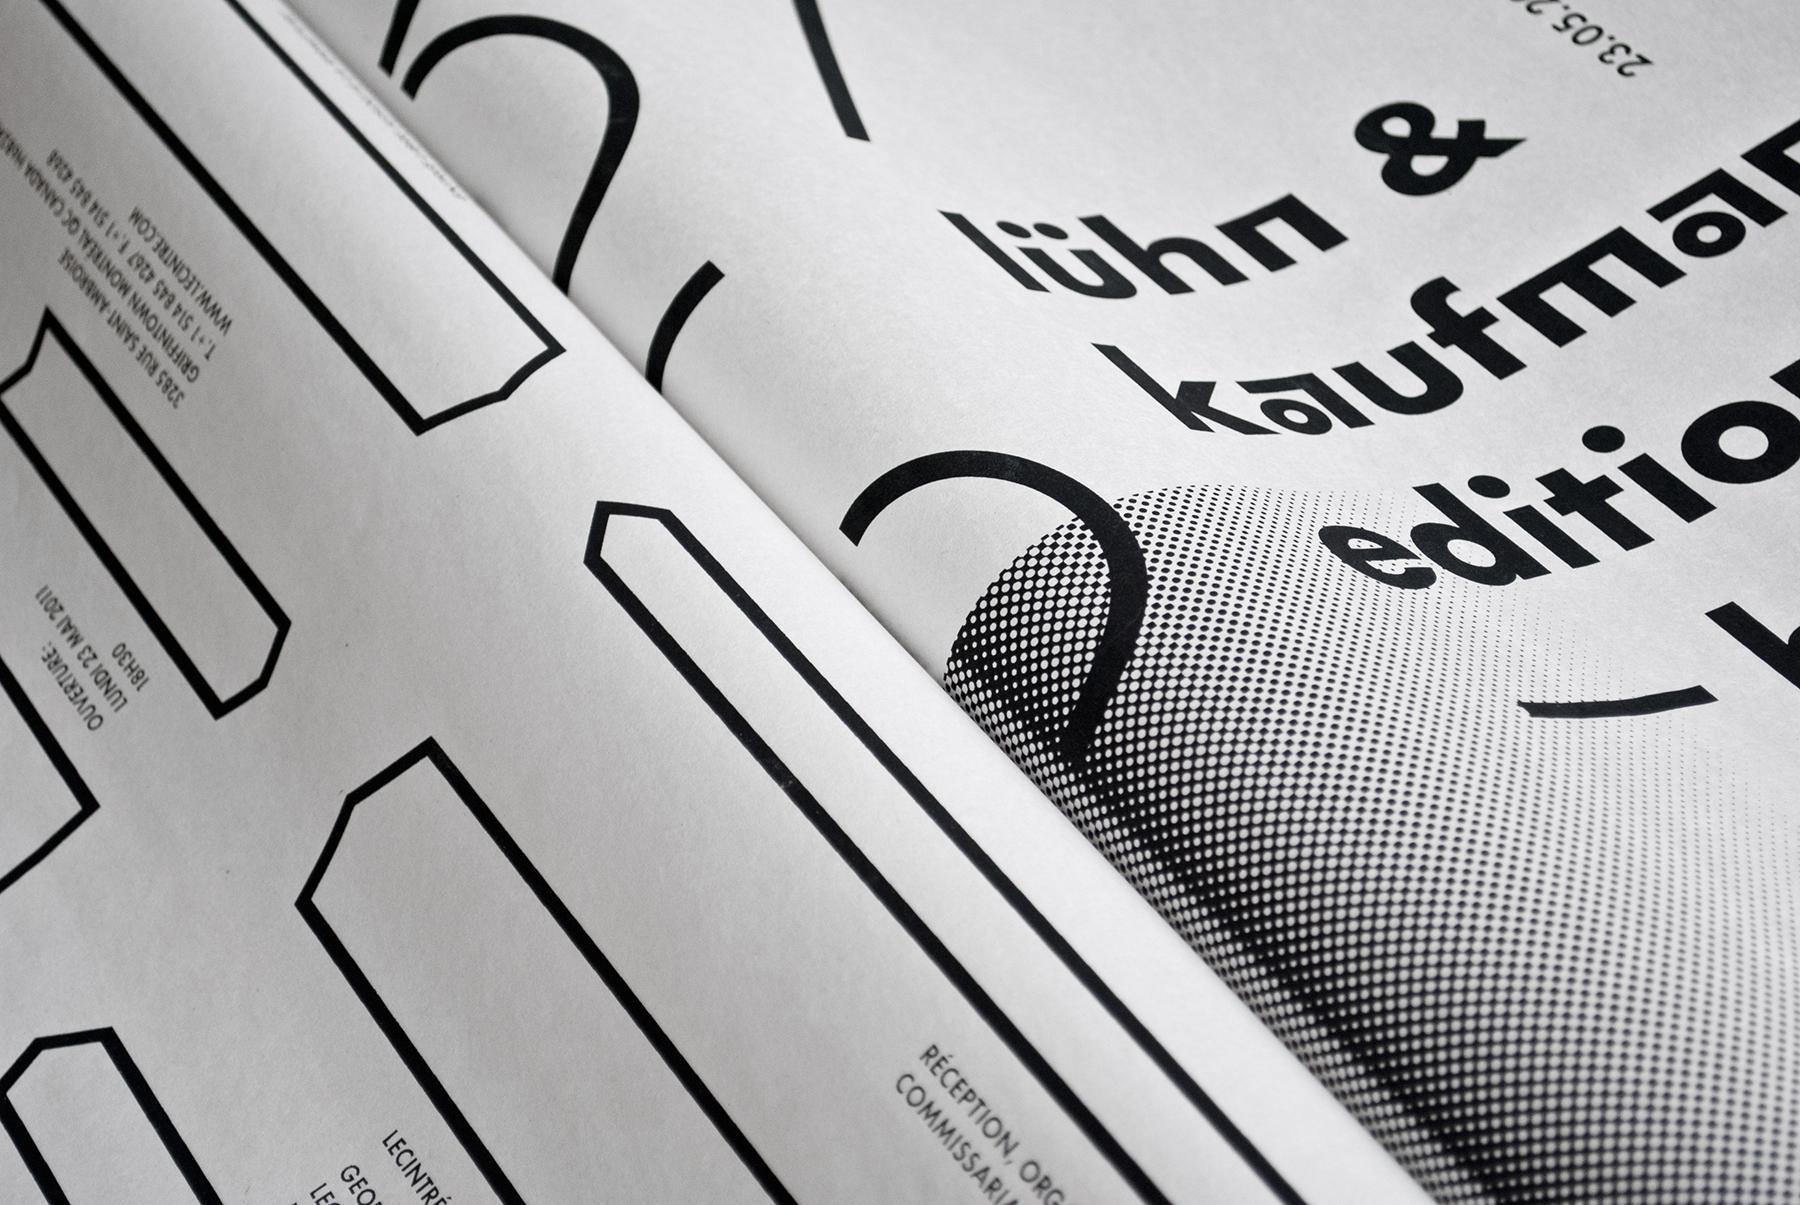 Luhn & Kaufmann Editions